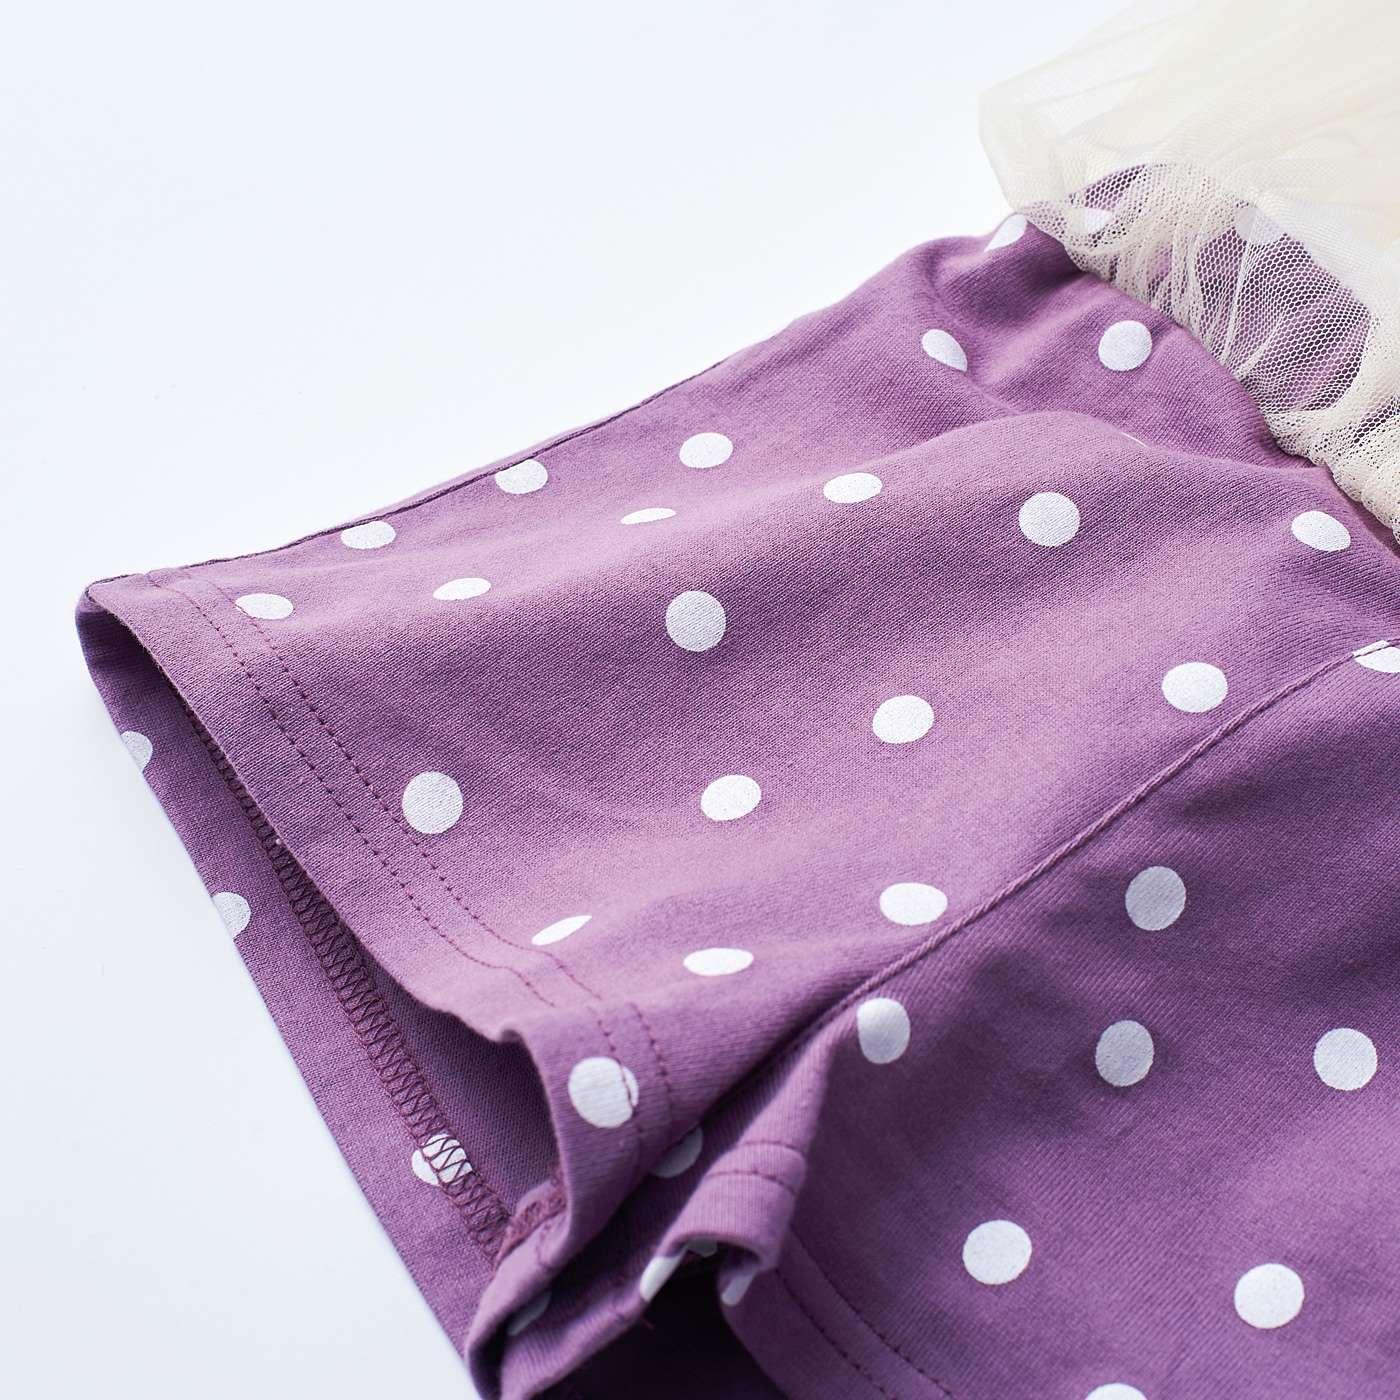 キュロット部分は肌ざわりのよい綿100%のカットソー素材。